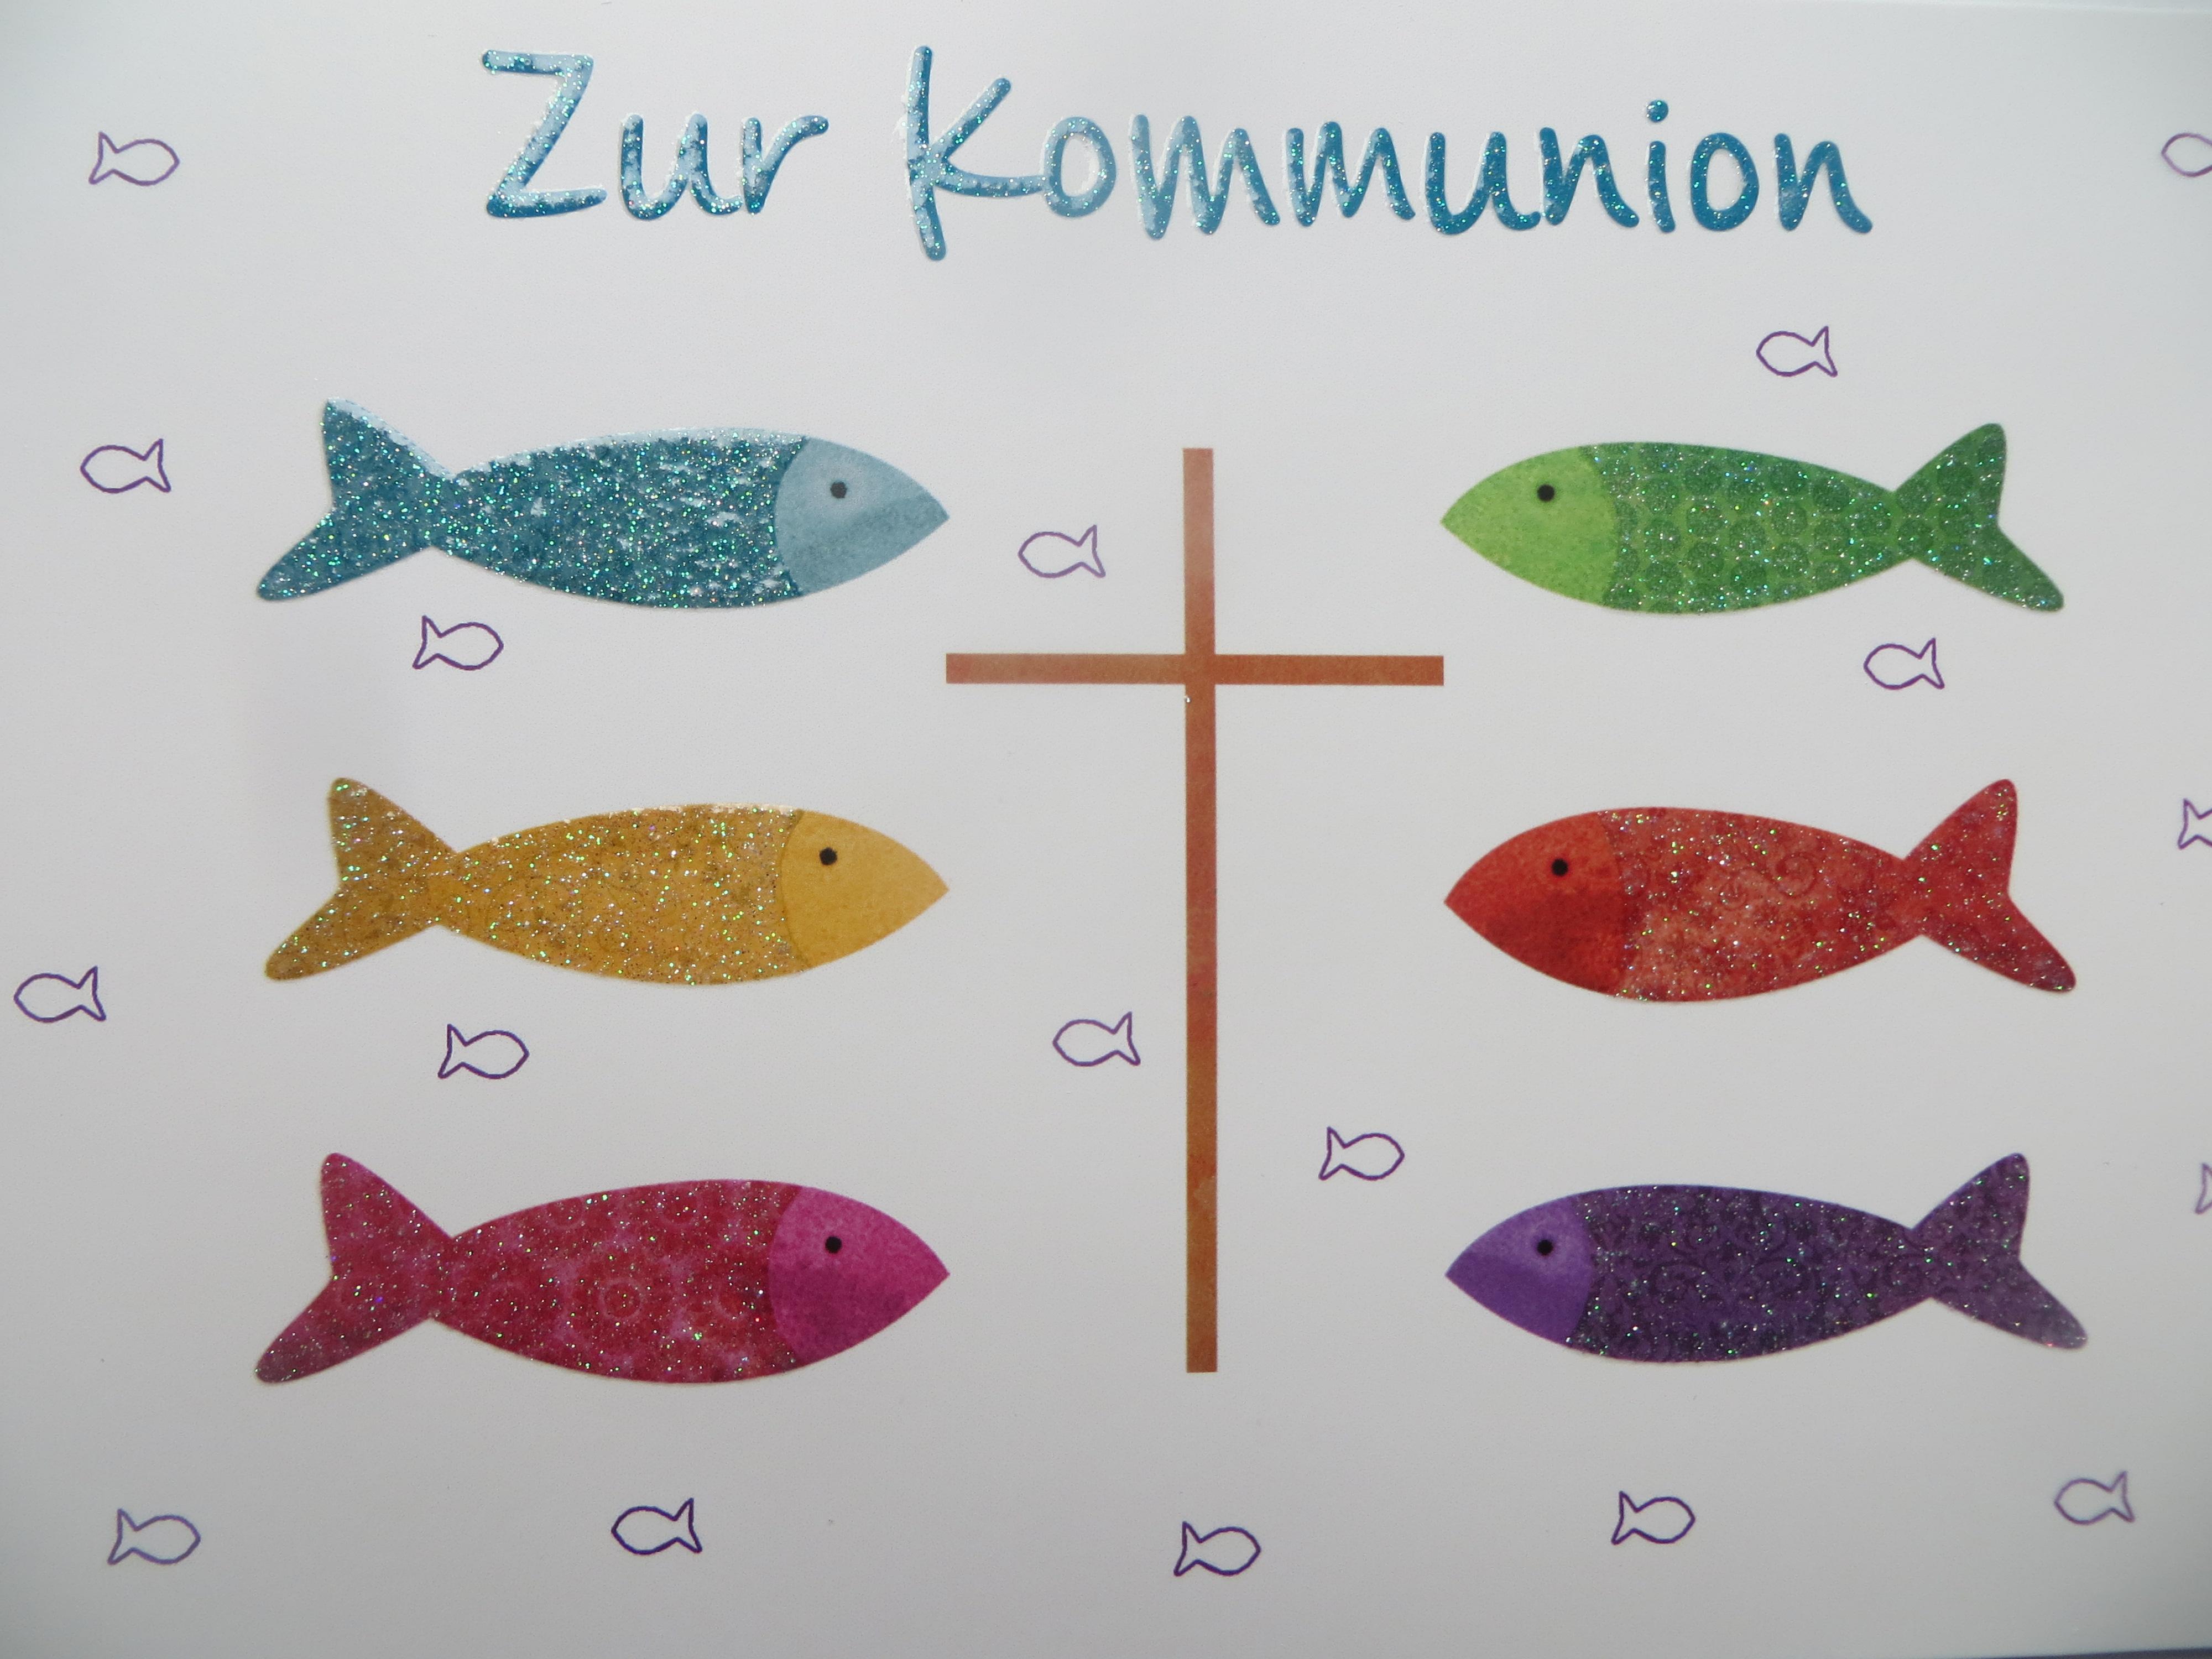 Nützlichgrusskarten - Klappkarte Zur Kommunion - Onlineshop Tante Emmer